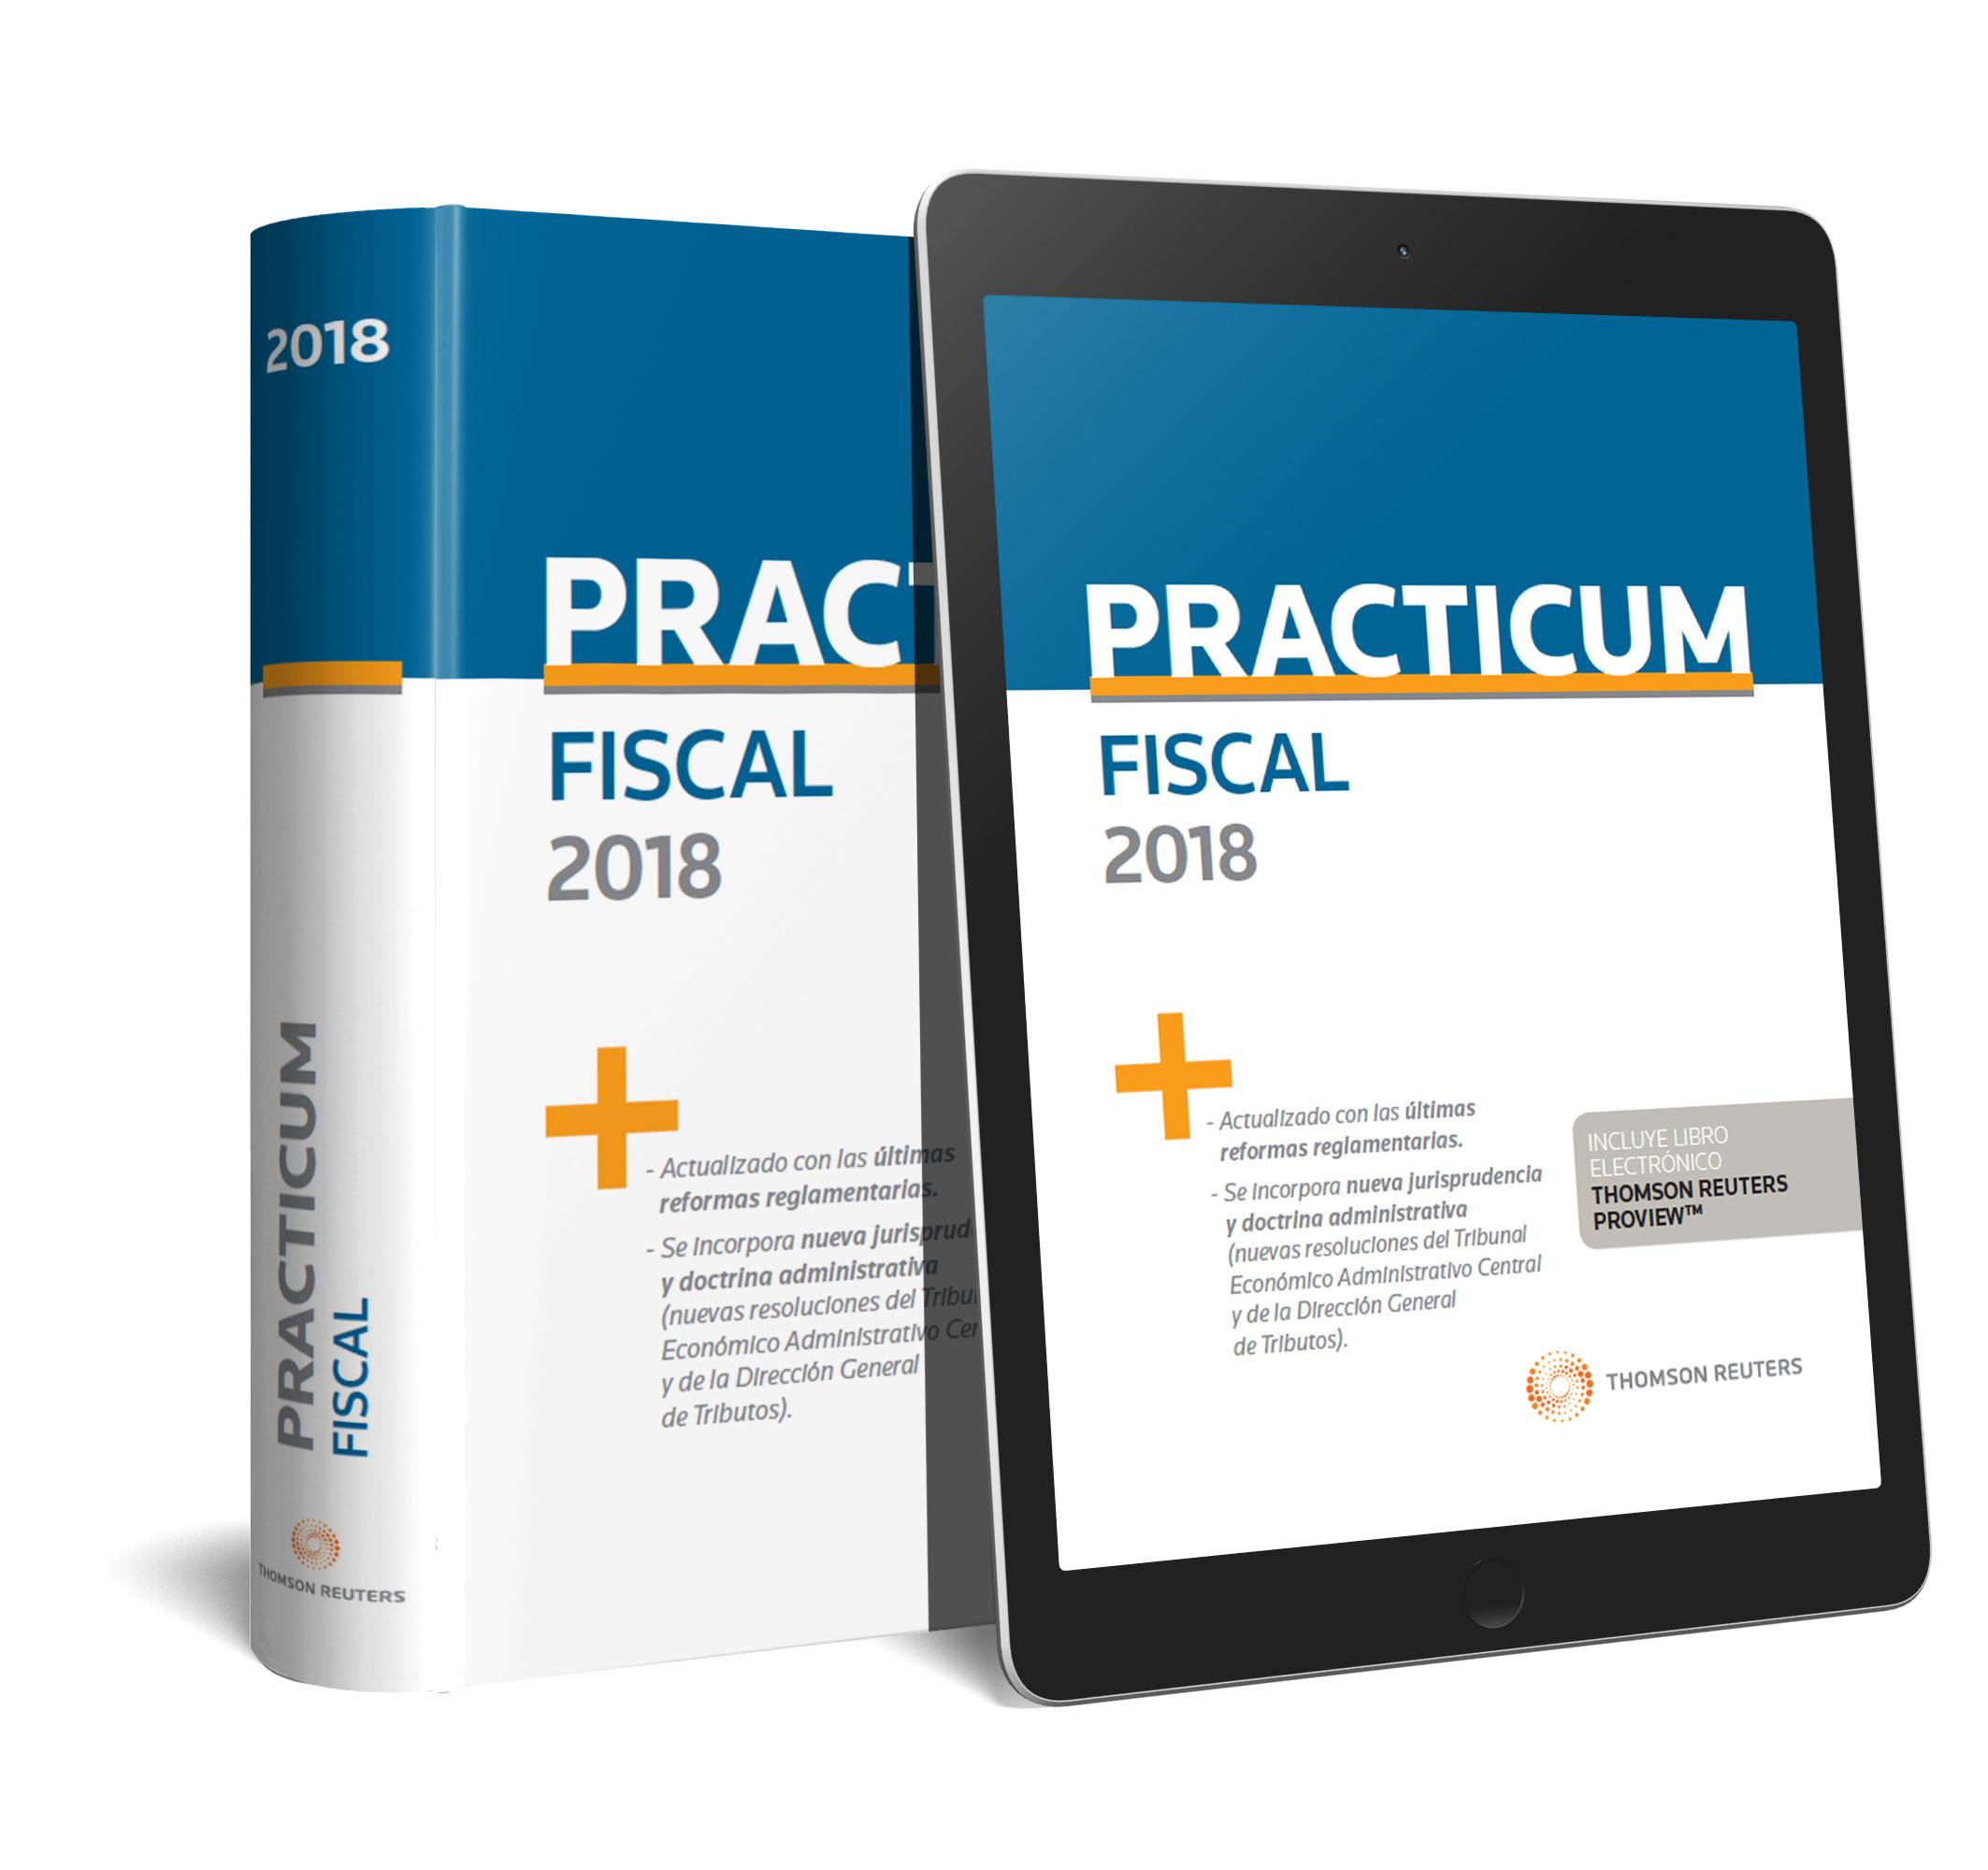 PRACTICUM FISCAL 2018